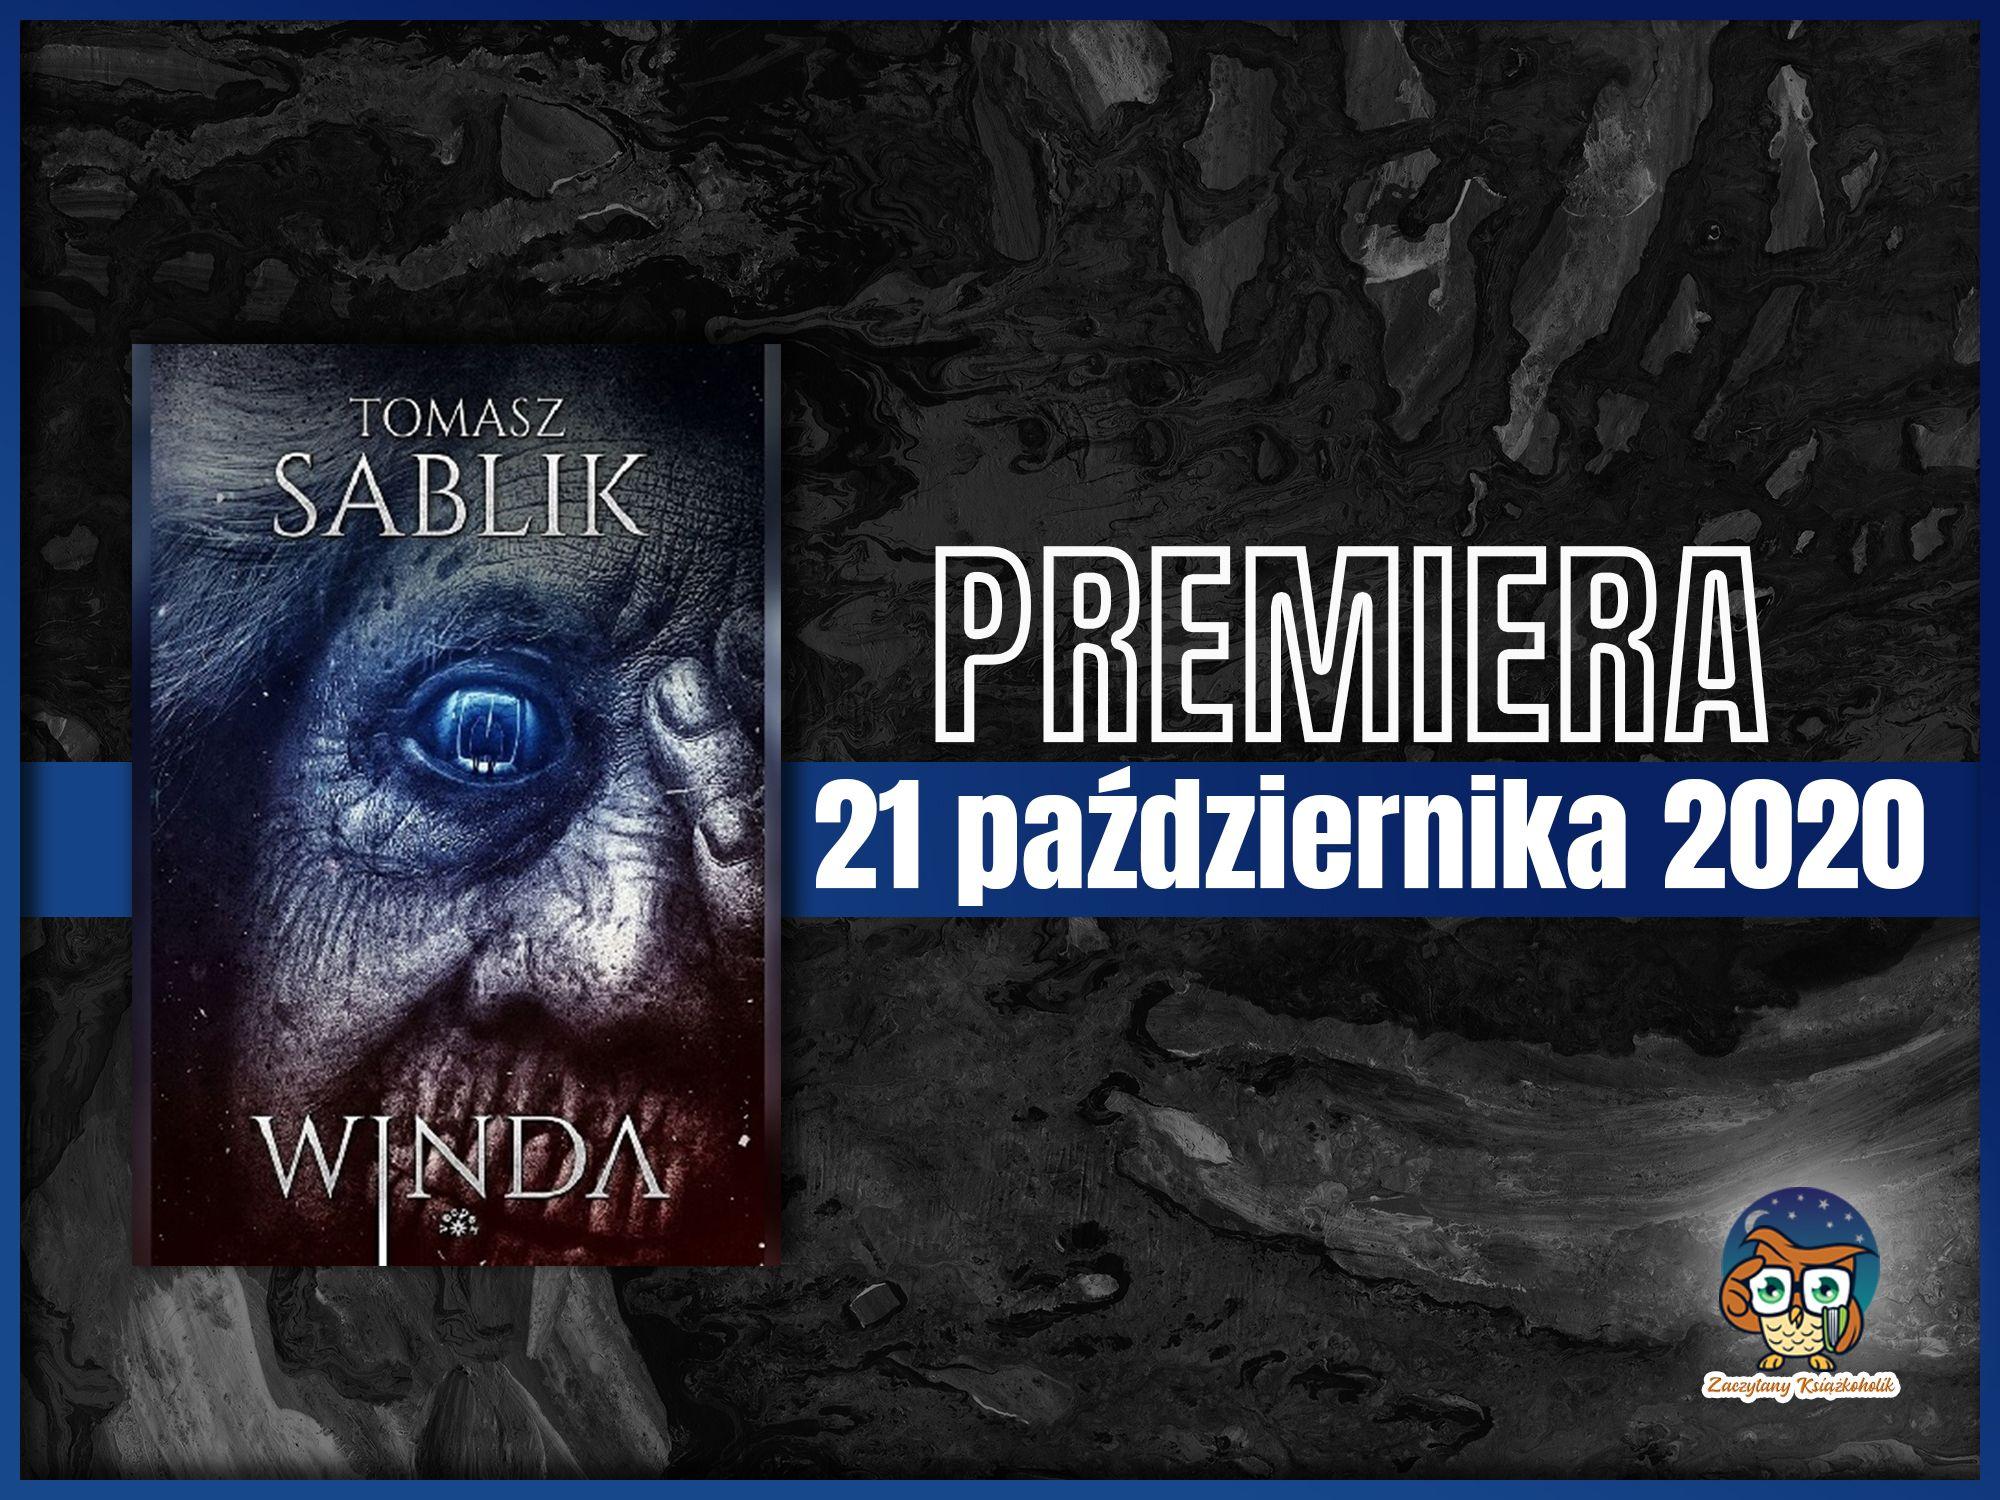 """Tomasz Sablik, """"Winda"""", zaczytanyksiazkoholikPL"""